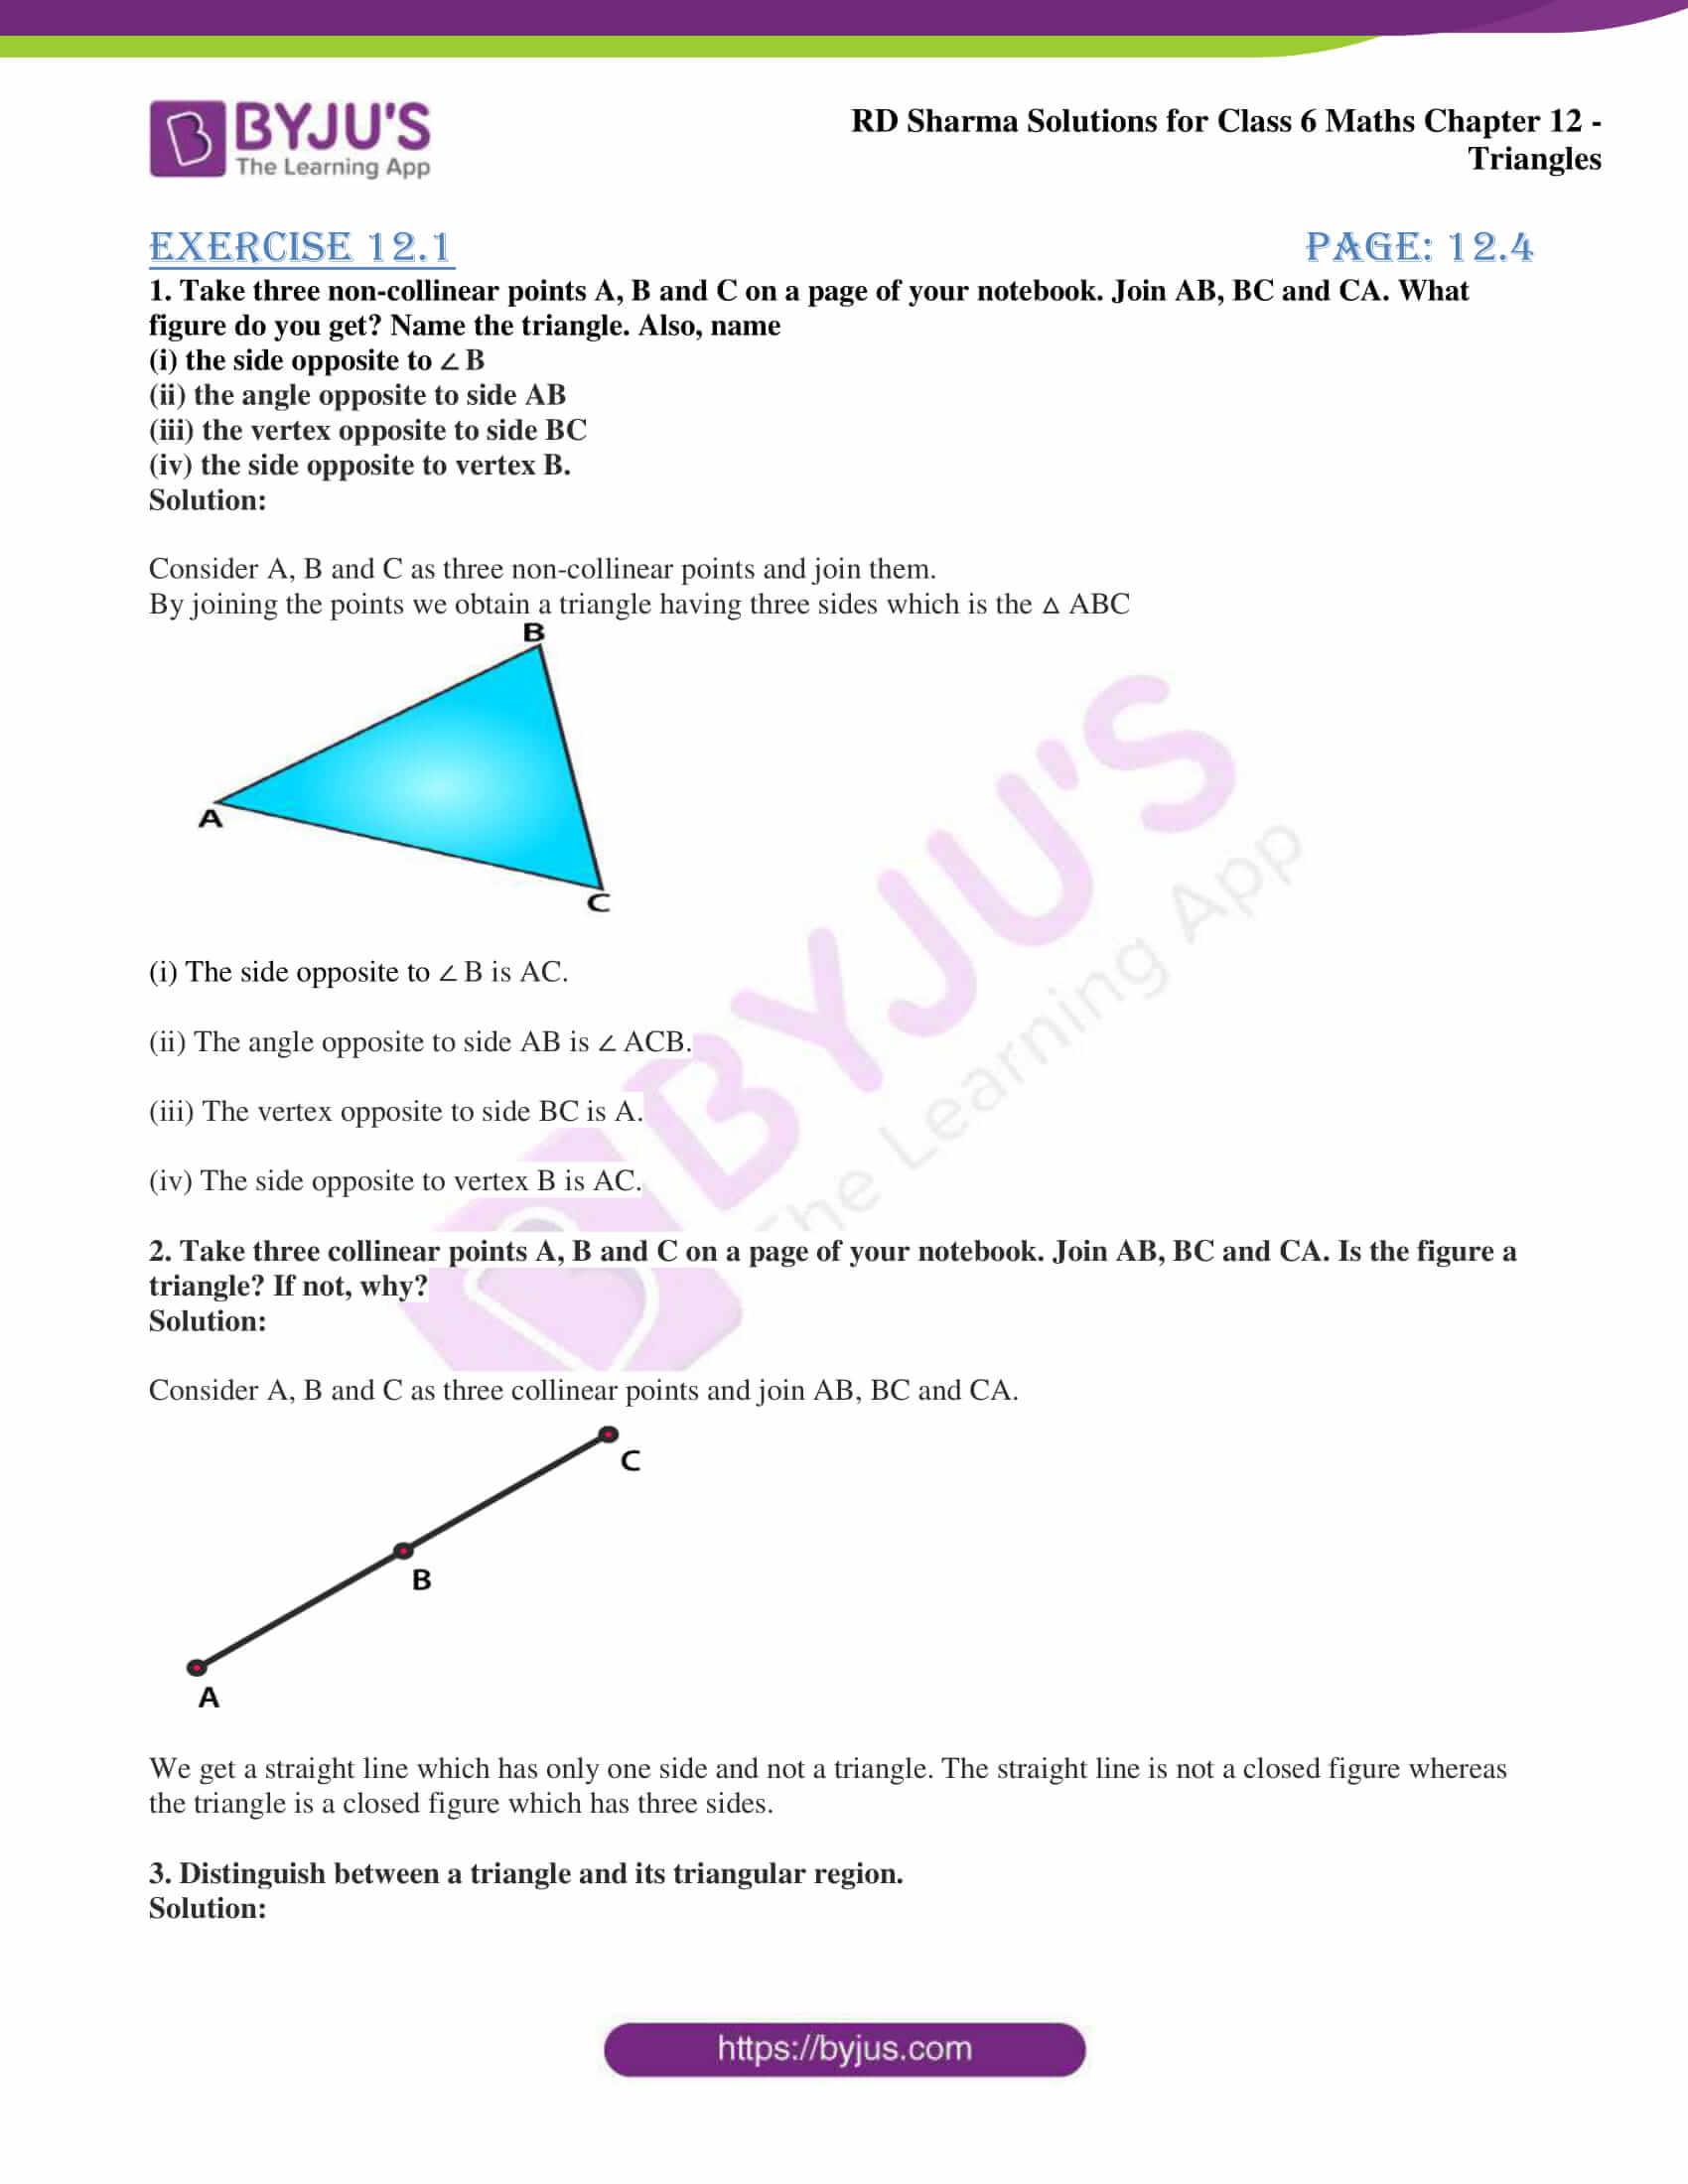 rd sharma class 6 maths solutions chapter 12 ex 1 1